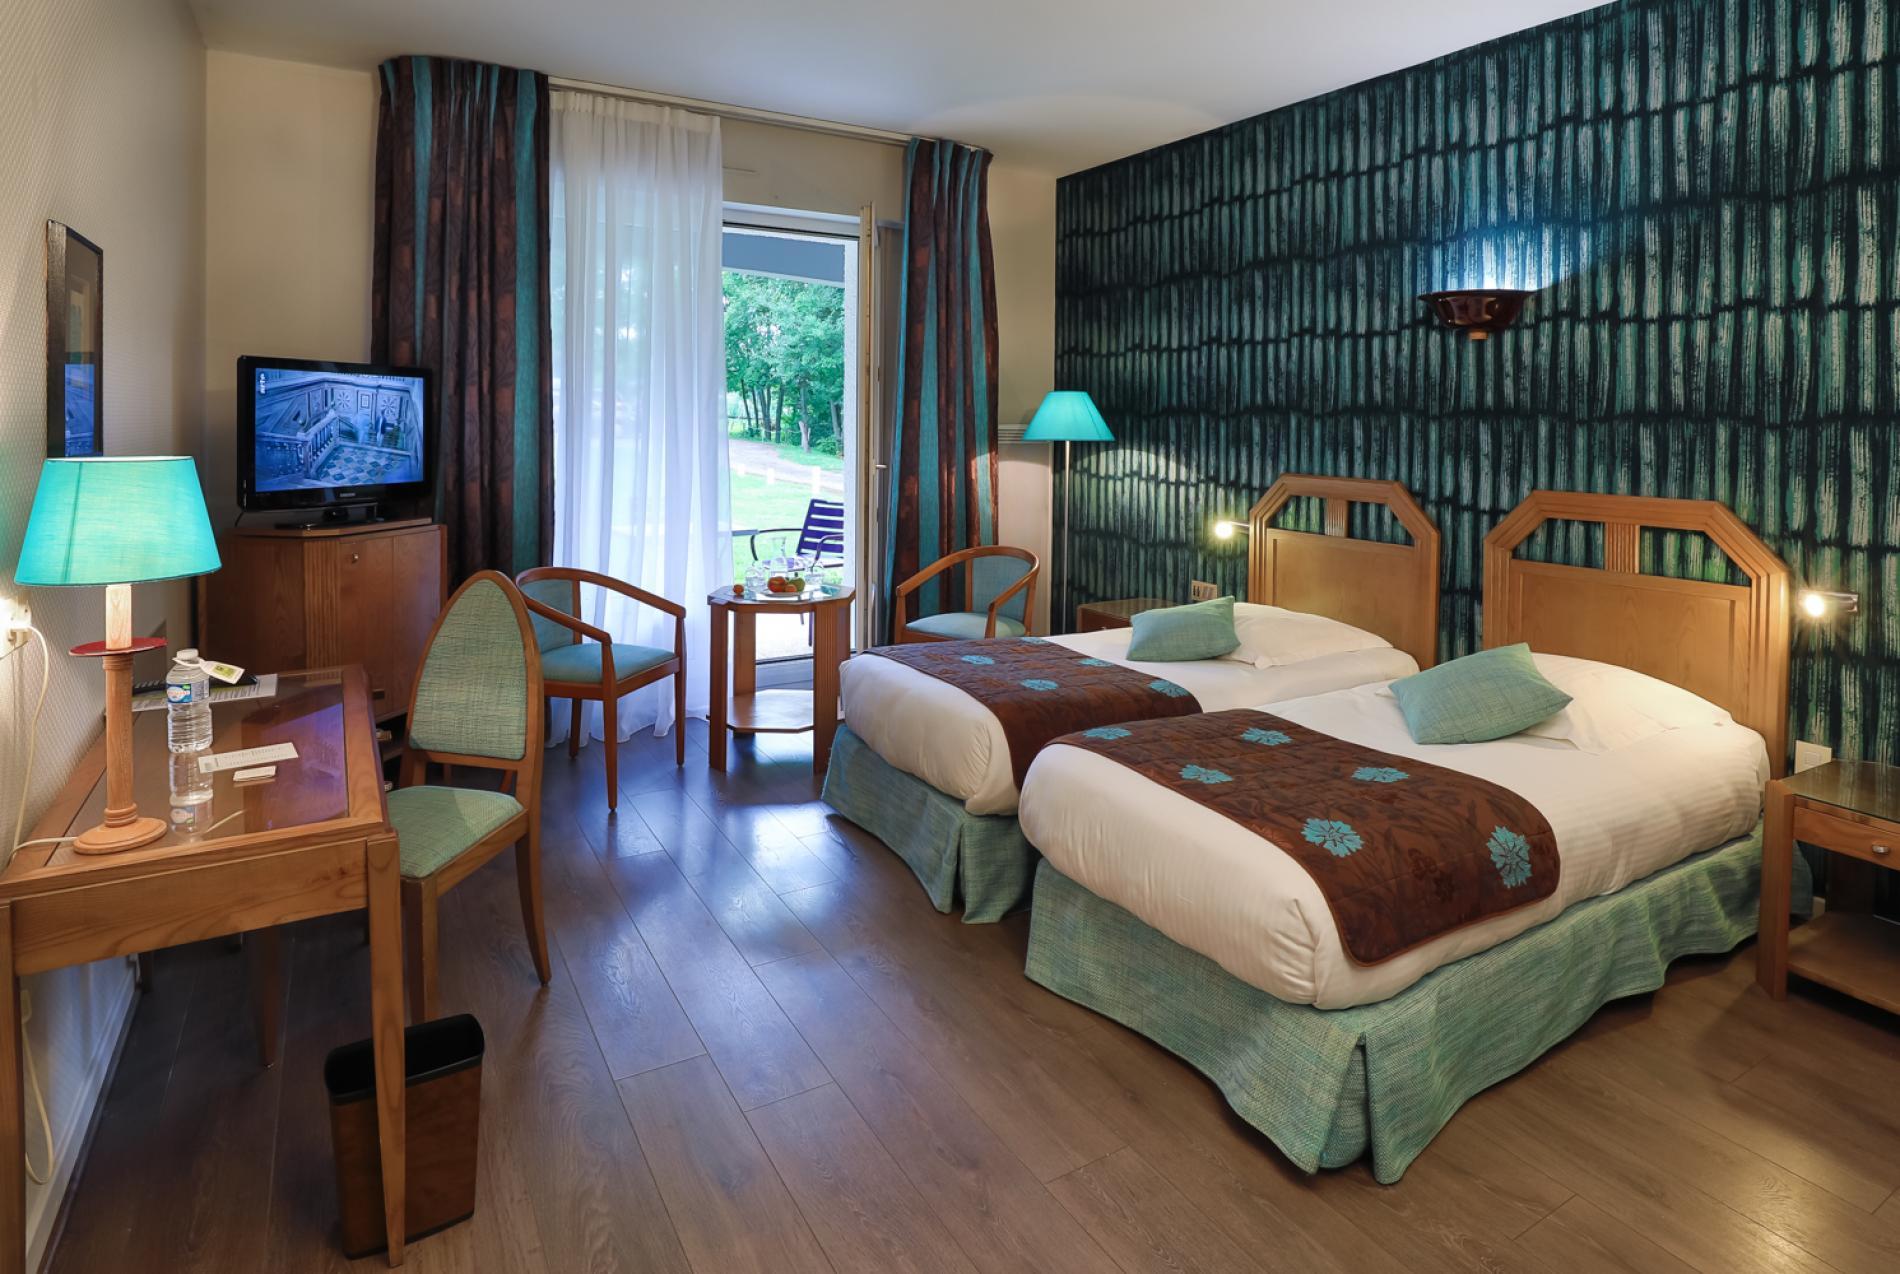 Chambres à Proximité De Nancy Et Epinal Lhôtel Burnel Et La Clé Des